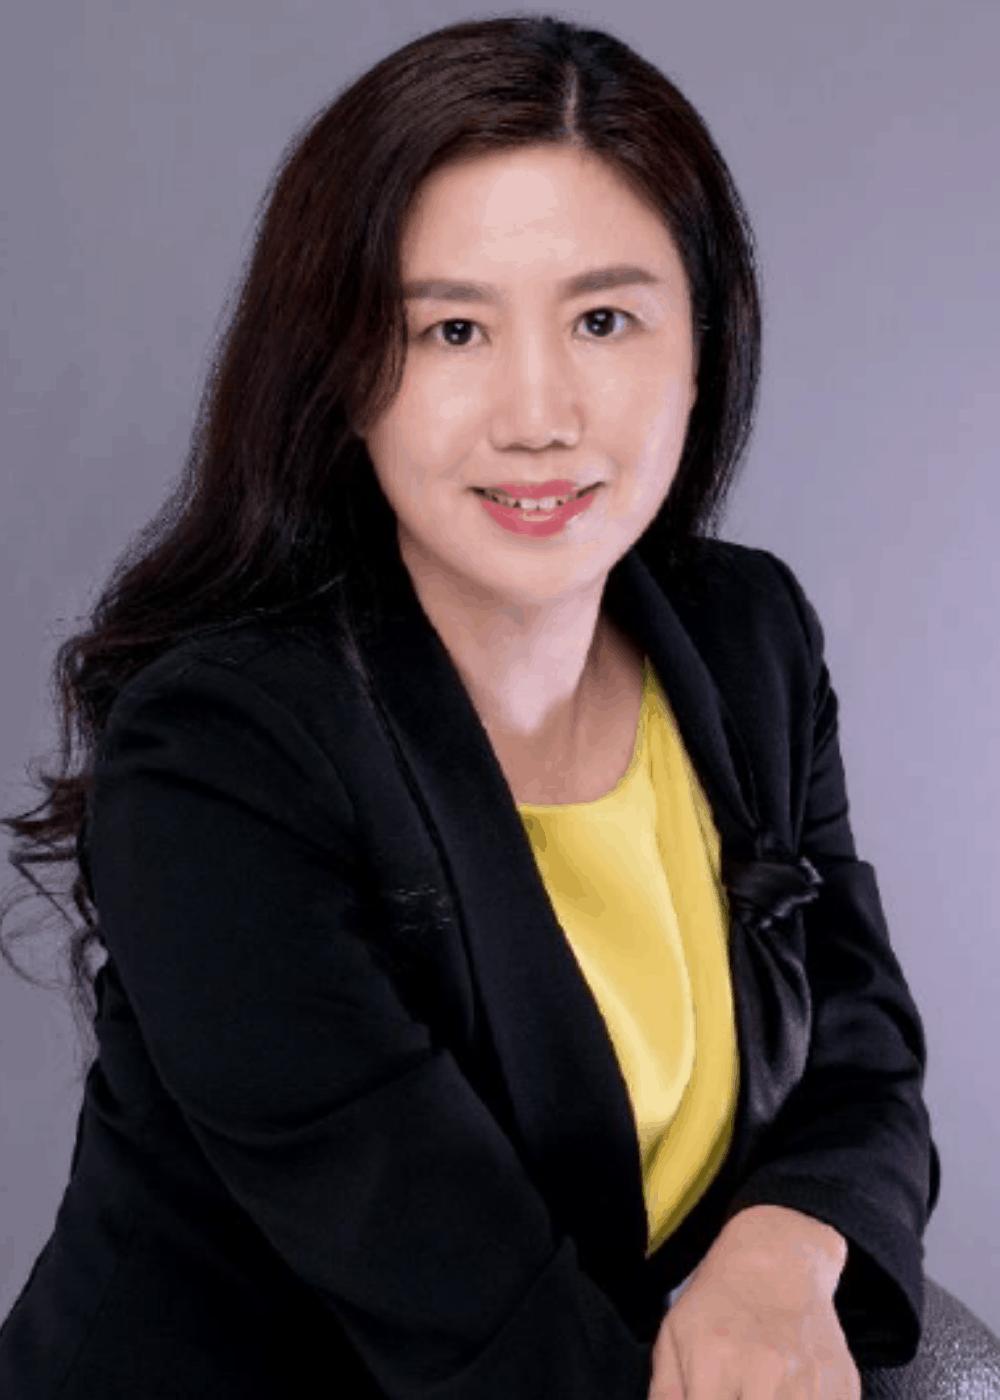 Angela Bai